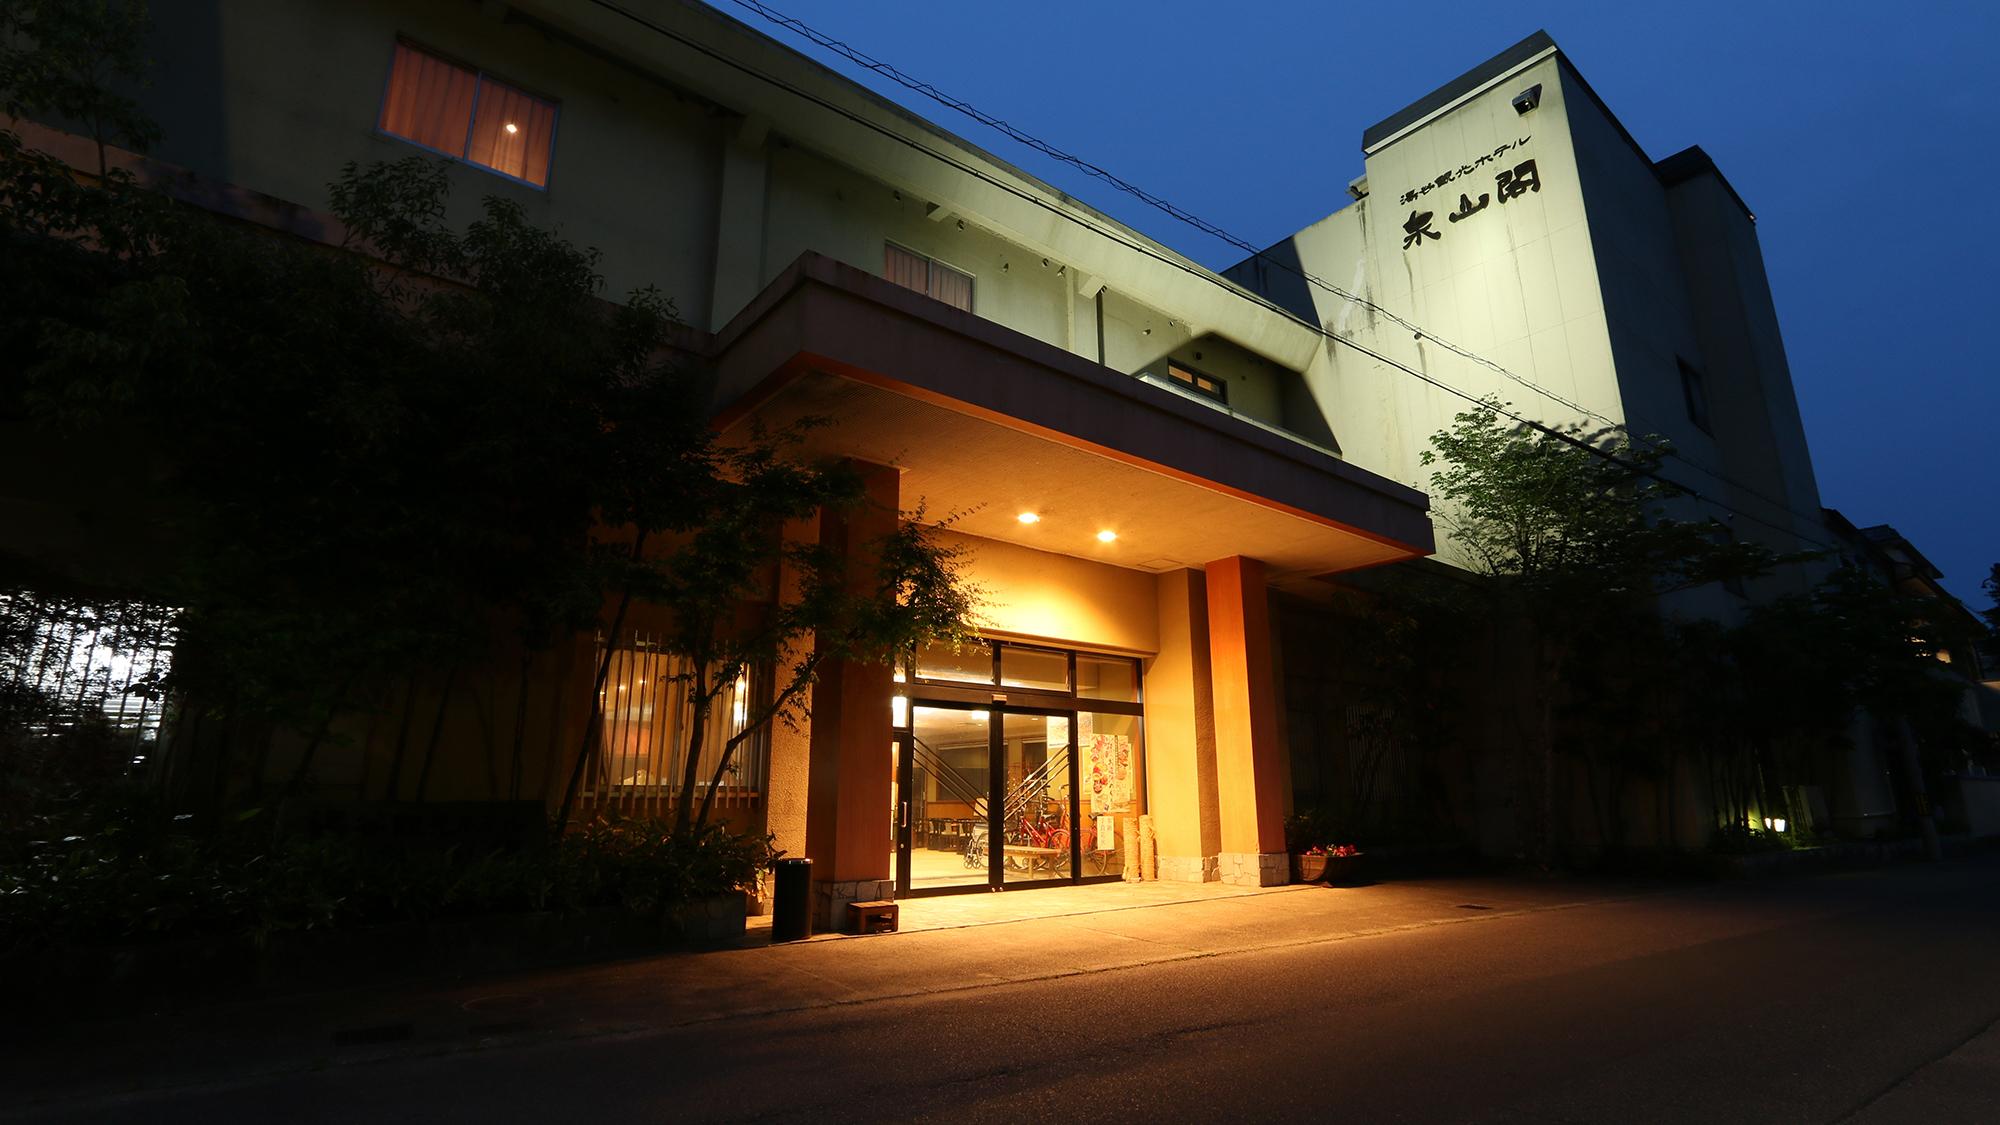 湯谷観光ホテル 泉山閣◆楽天トラベル